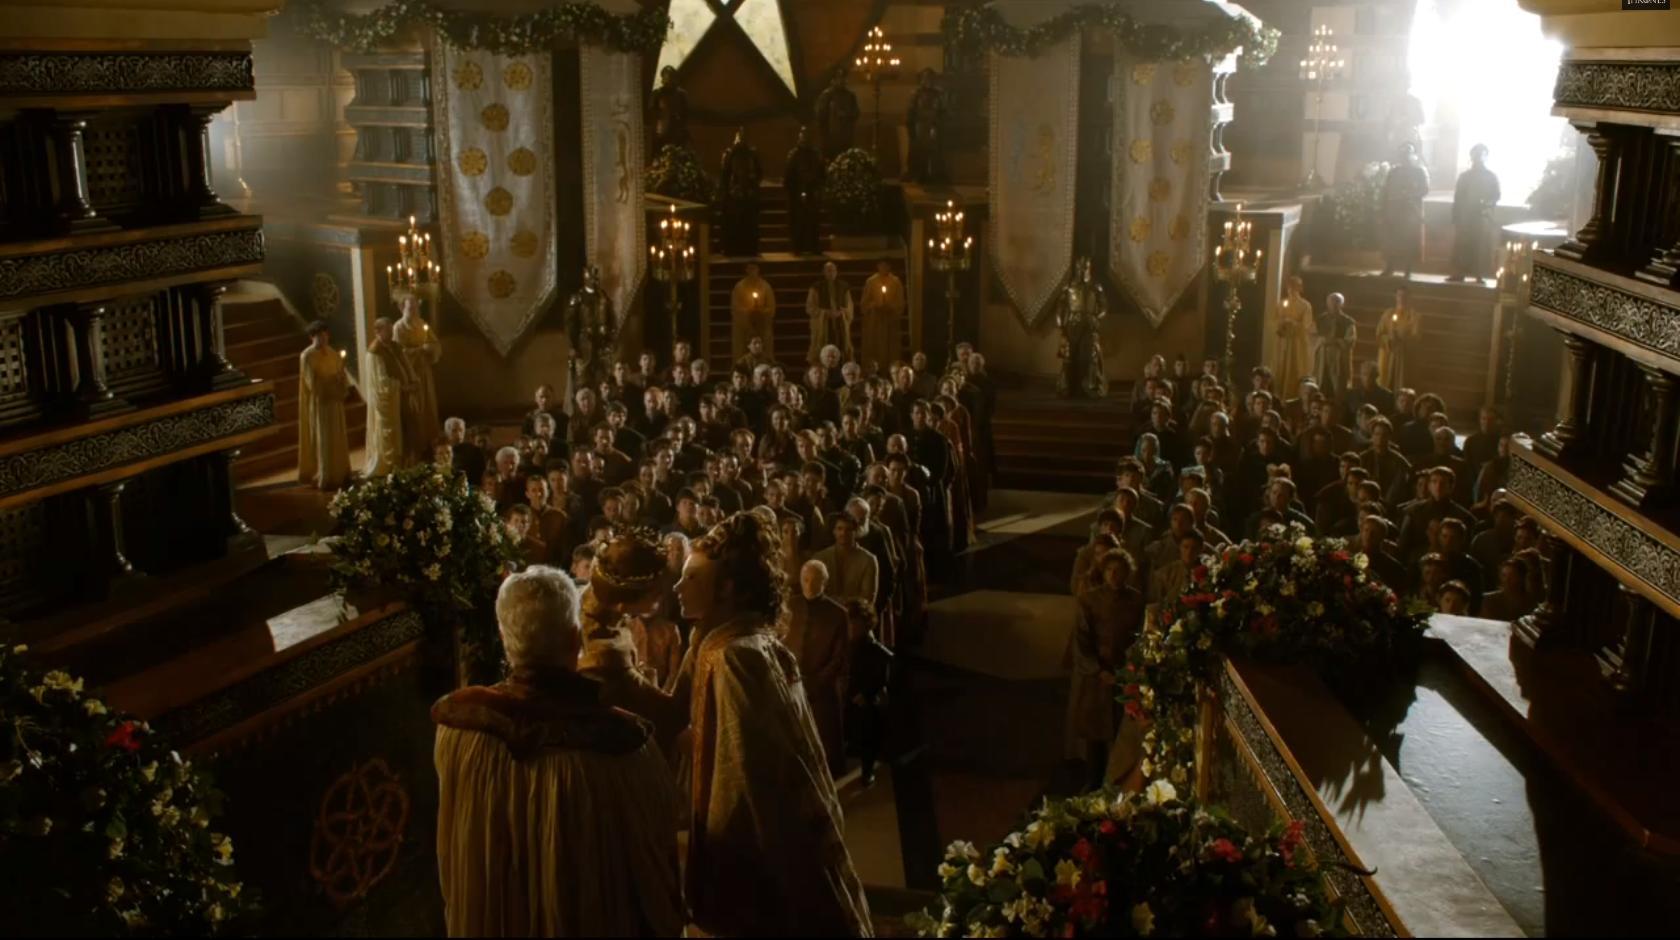 Charles Dance, Peter Dinklage, Jack Gleeson, Natalie Dormer, Dean-Charles Chapman, and Finn Jones in Game of Thrones (2011)